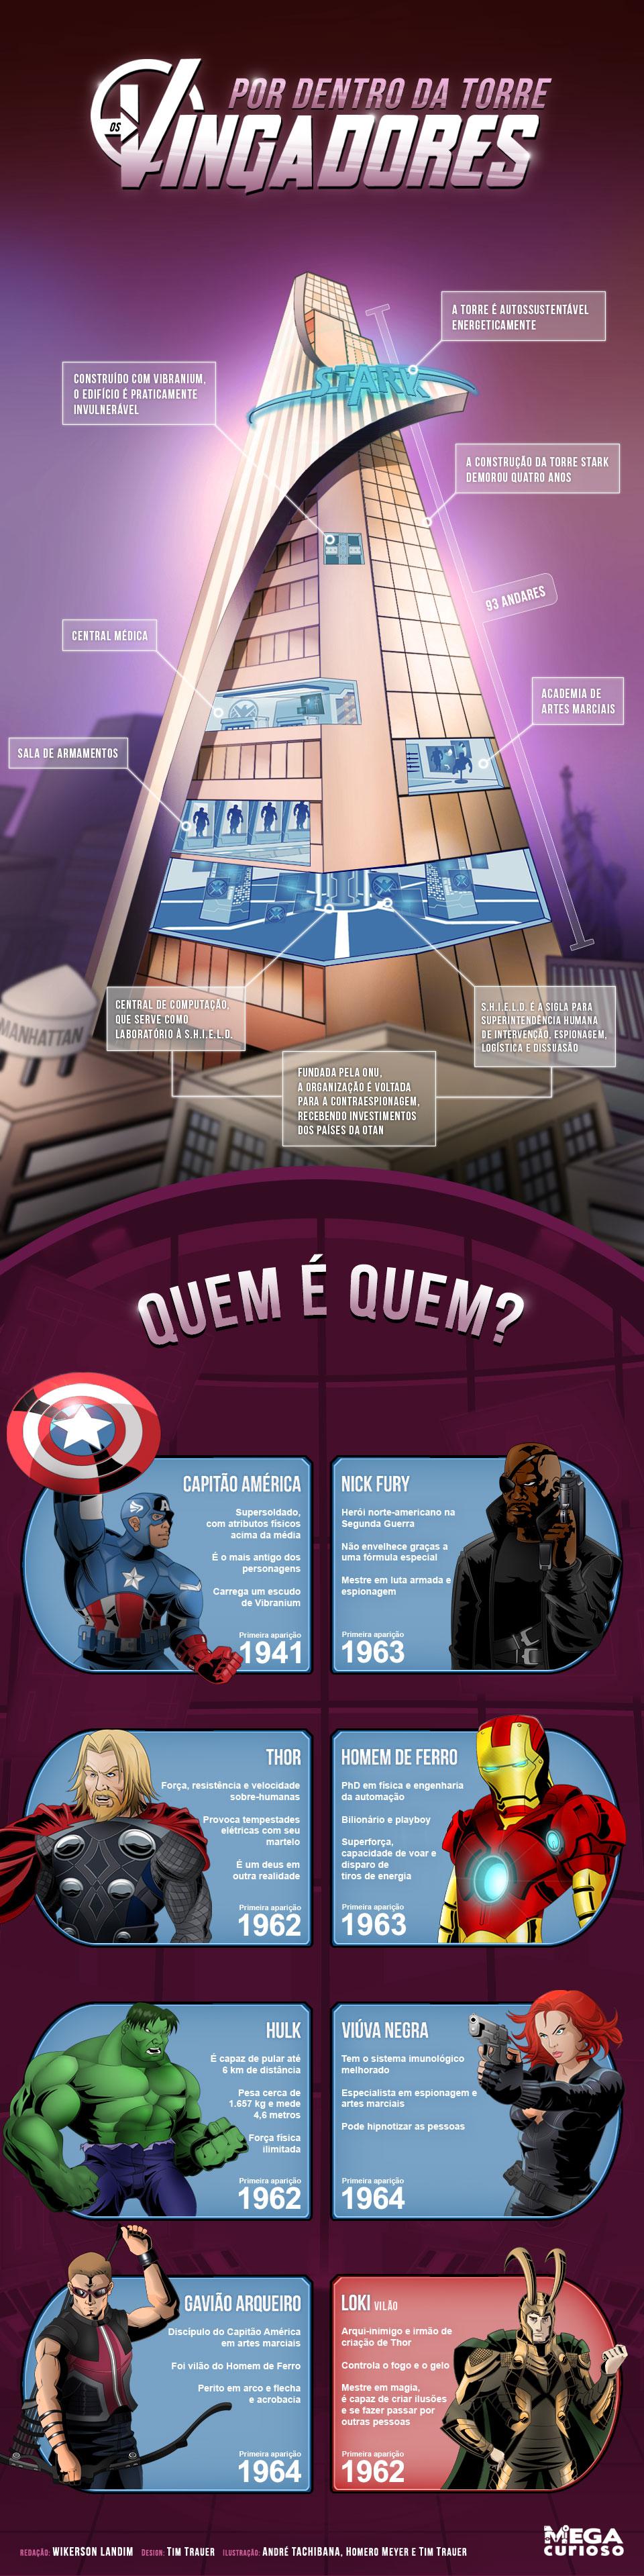 Por dentro da torre de Os Vingadores [infográfico]